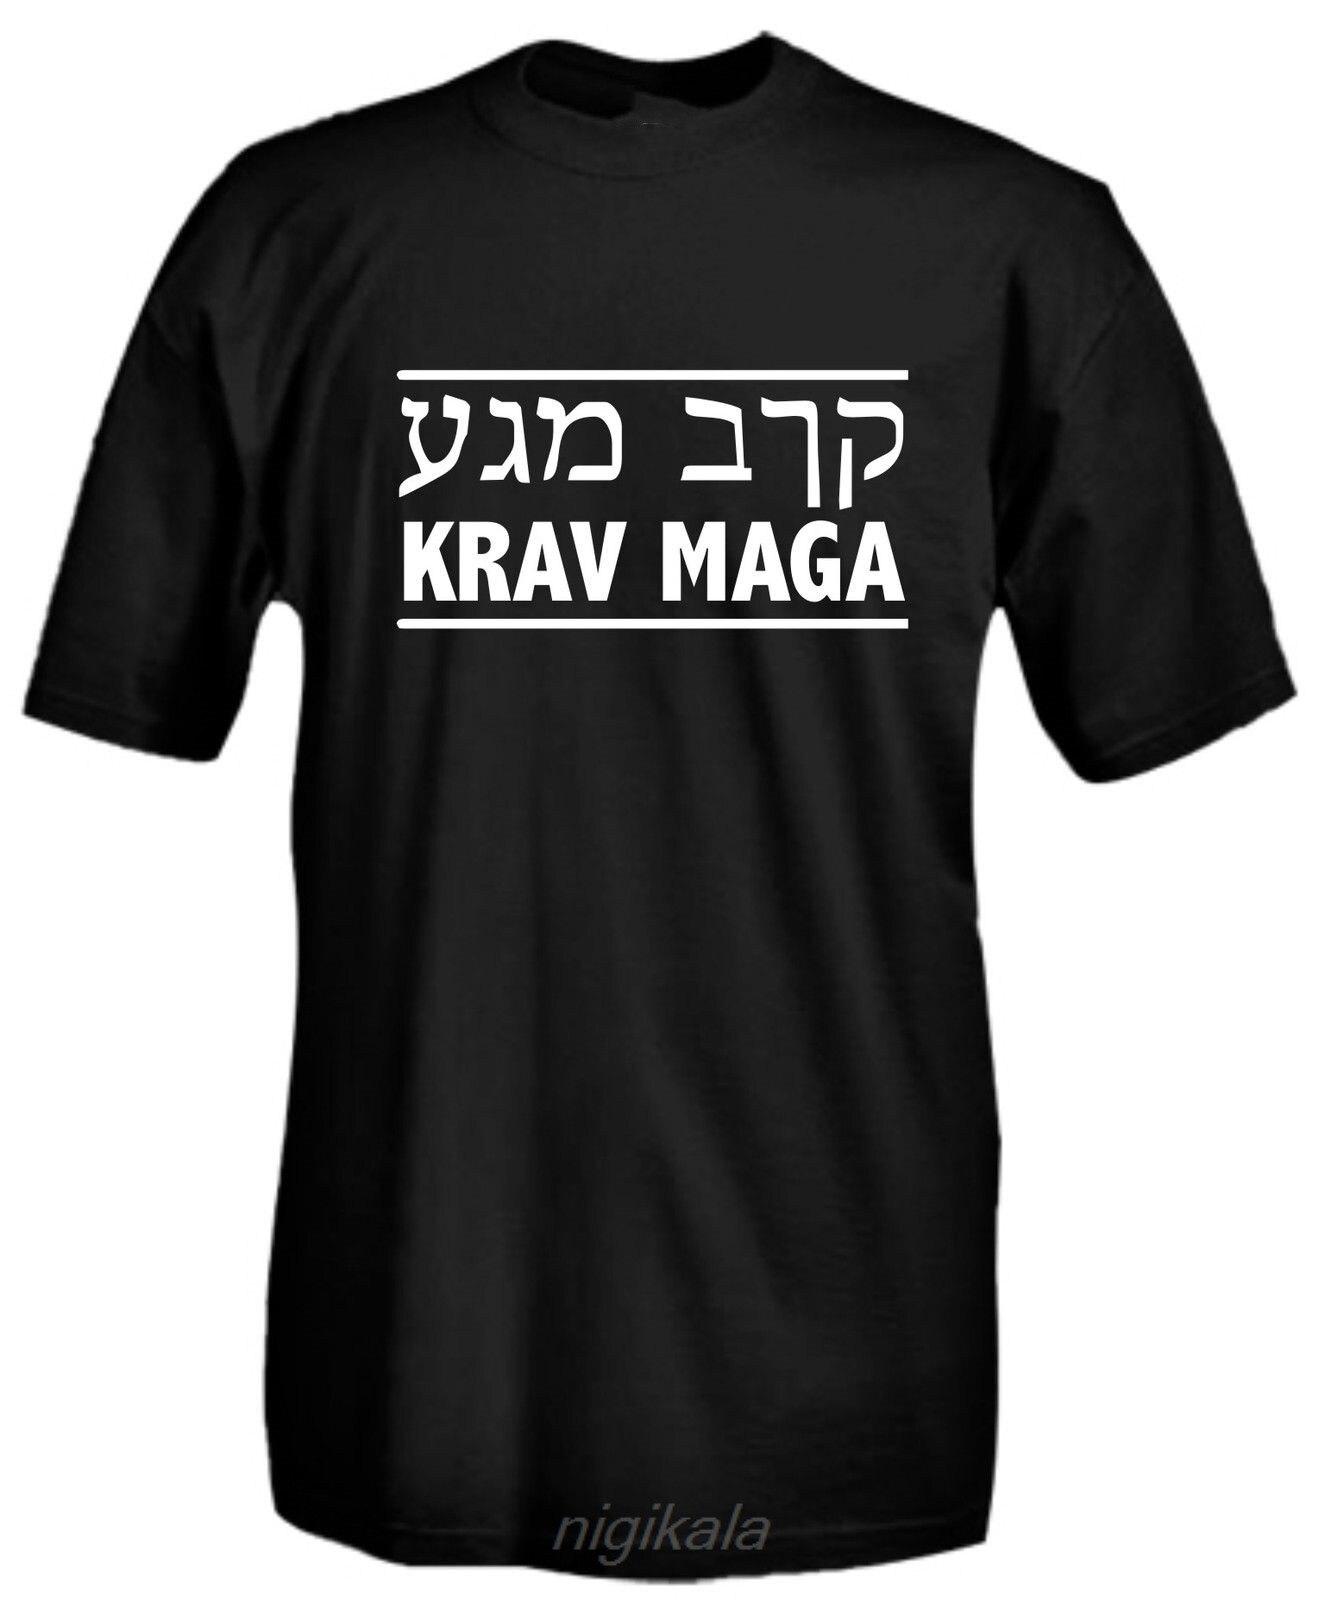 Camiseta krav maga sistema de combate israelita engraçado homem tshirts casual personalizado topos t preto novas chegadas frete grátis